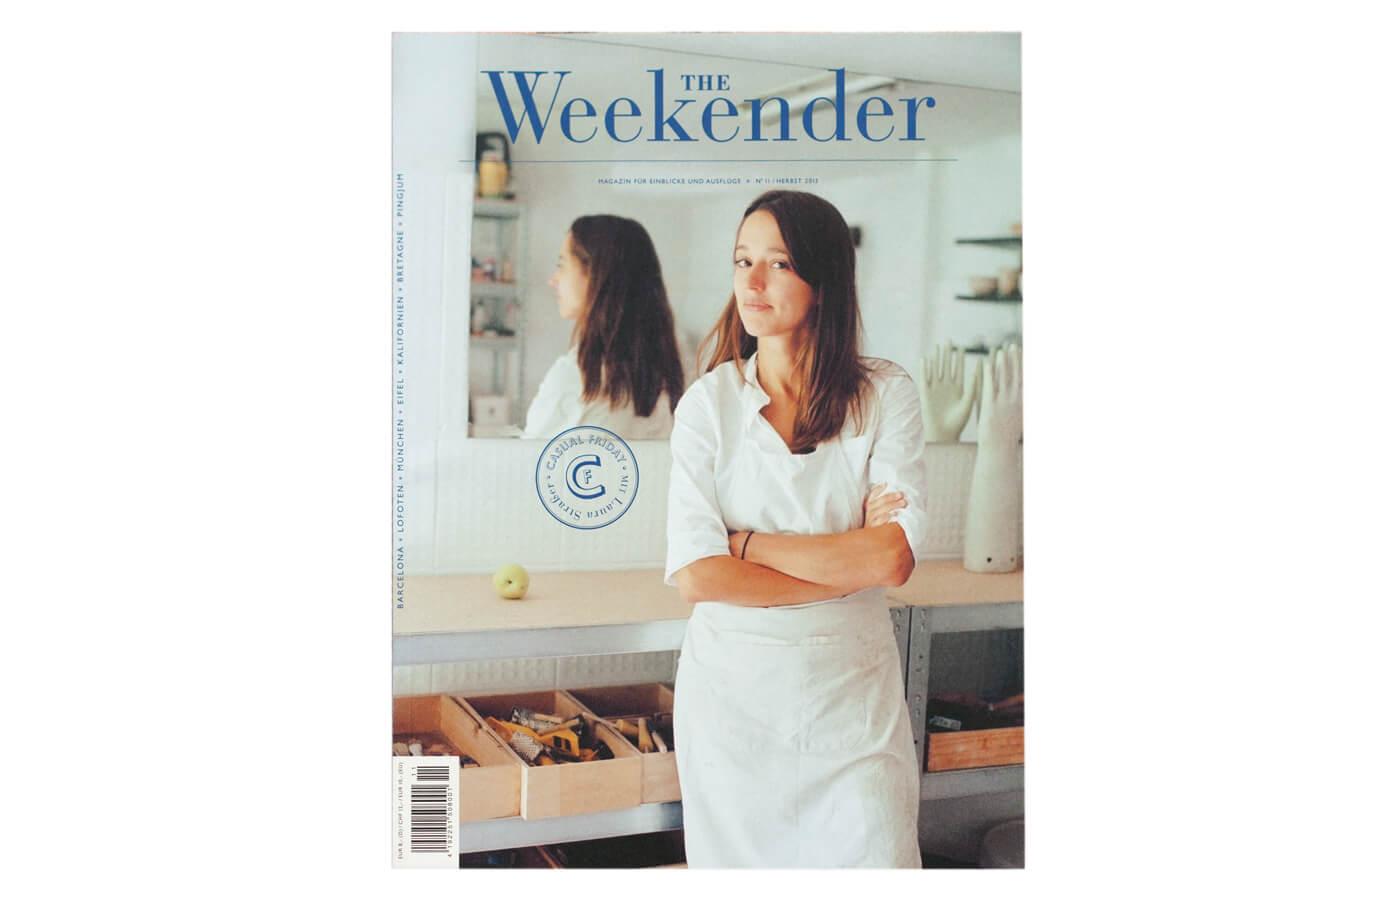 The Weekender #11